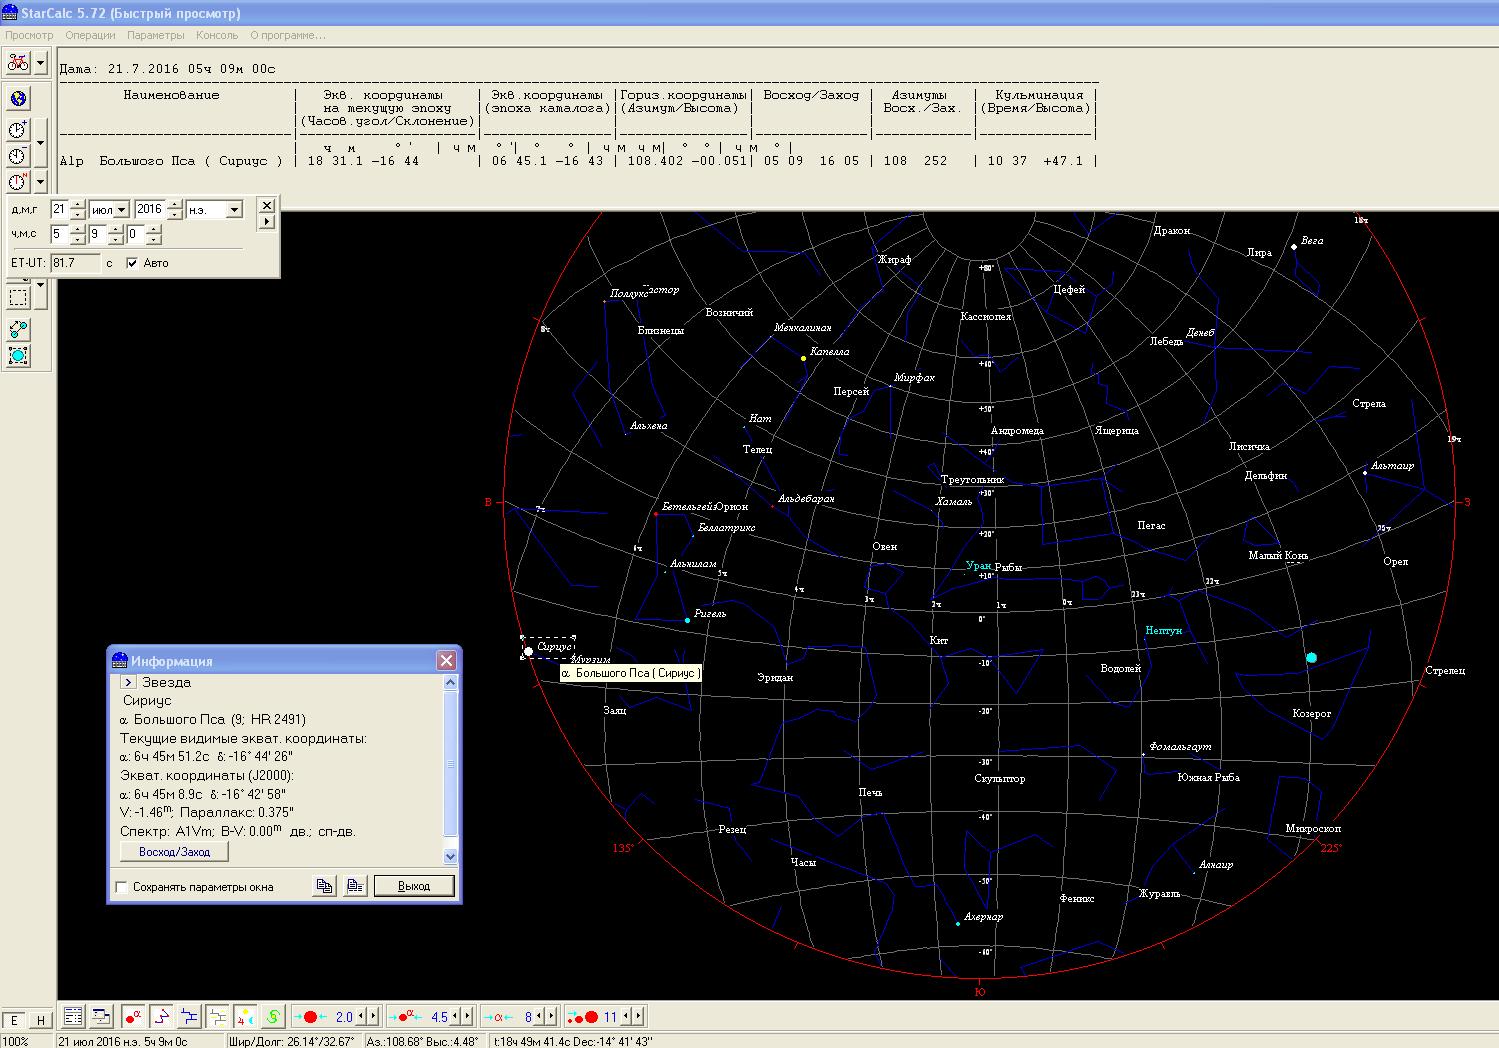 Скрин 4. Восход Сириуса за 2 минуты до восхода Солнца